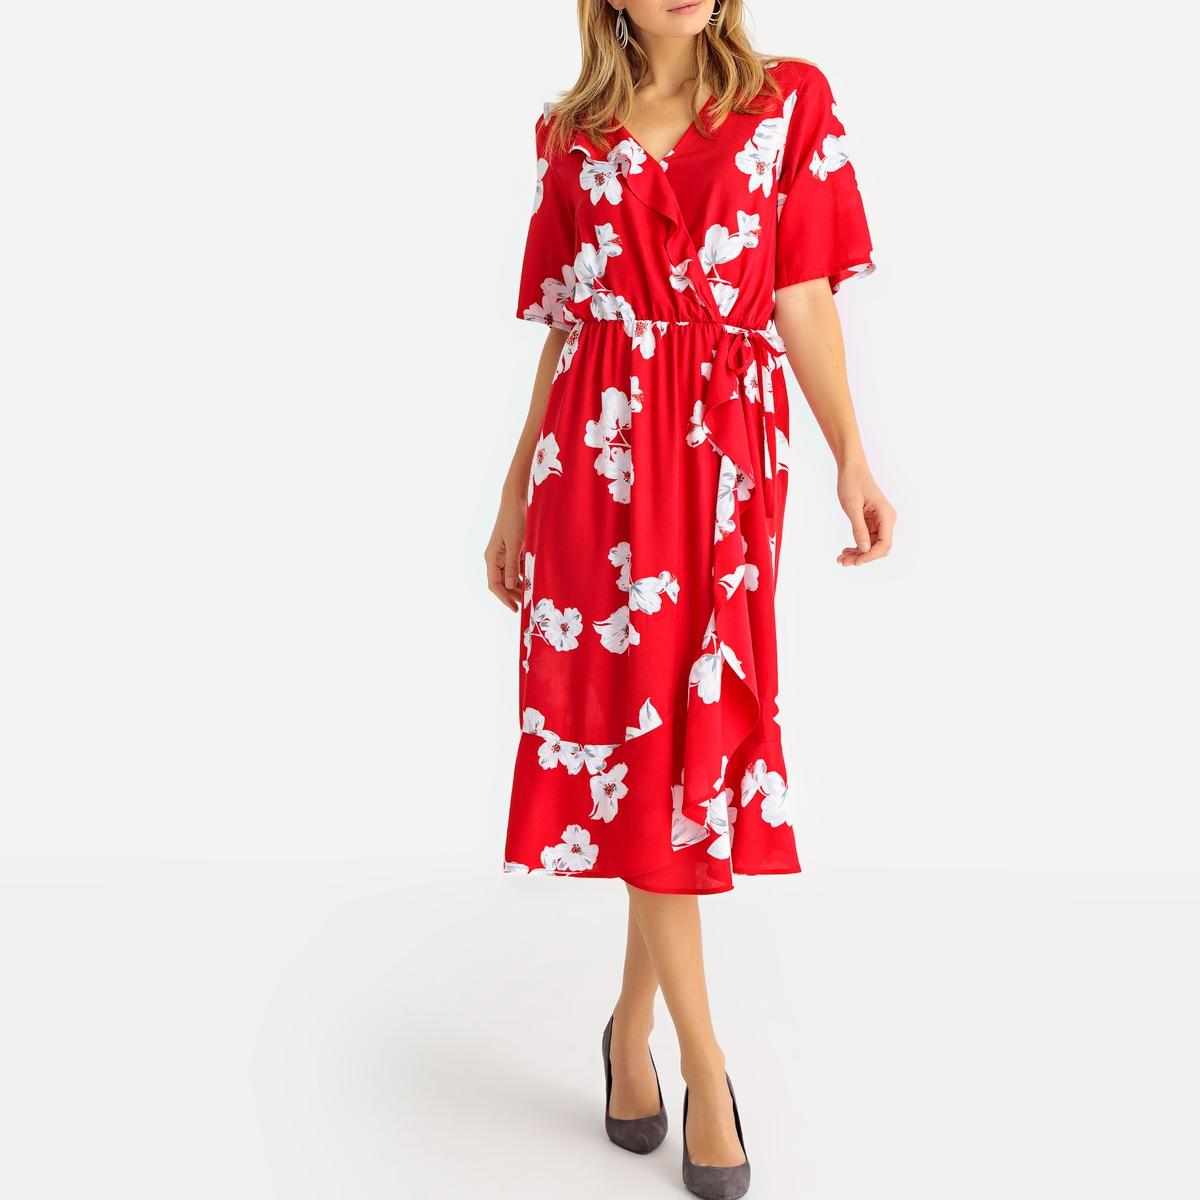 Imagen secundaria de producto de Vestido vaporoso con cuello de pico V, manga corta y estampado de flores - Anne weyburn